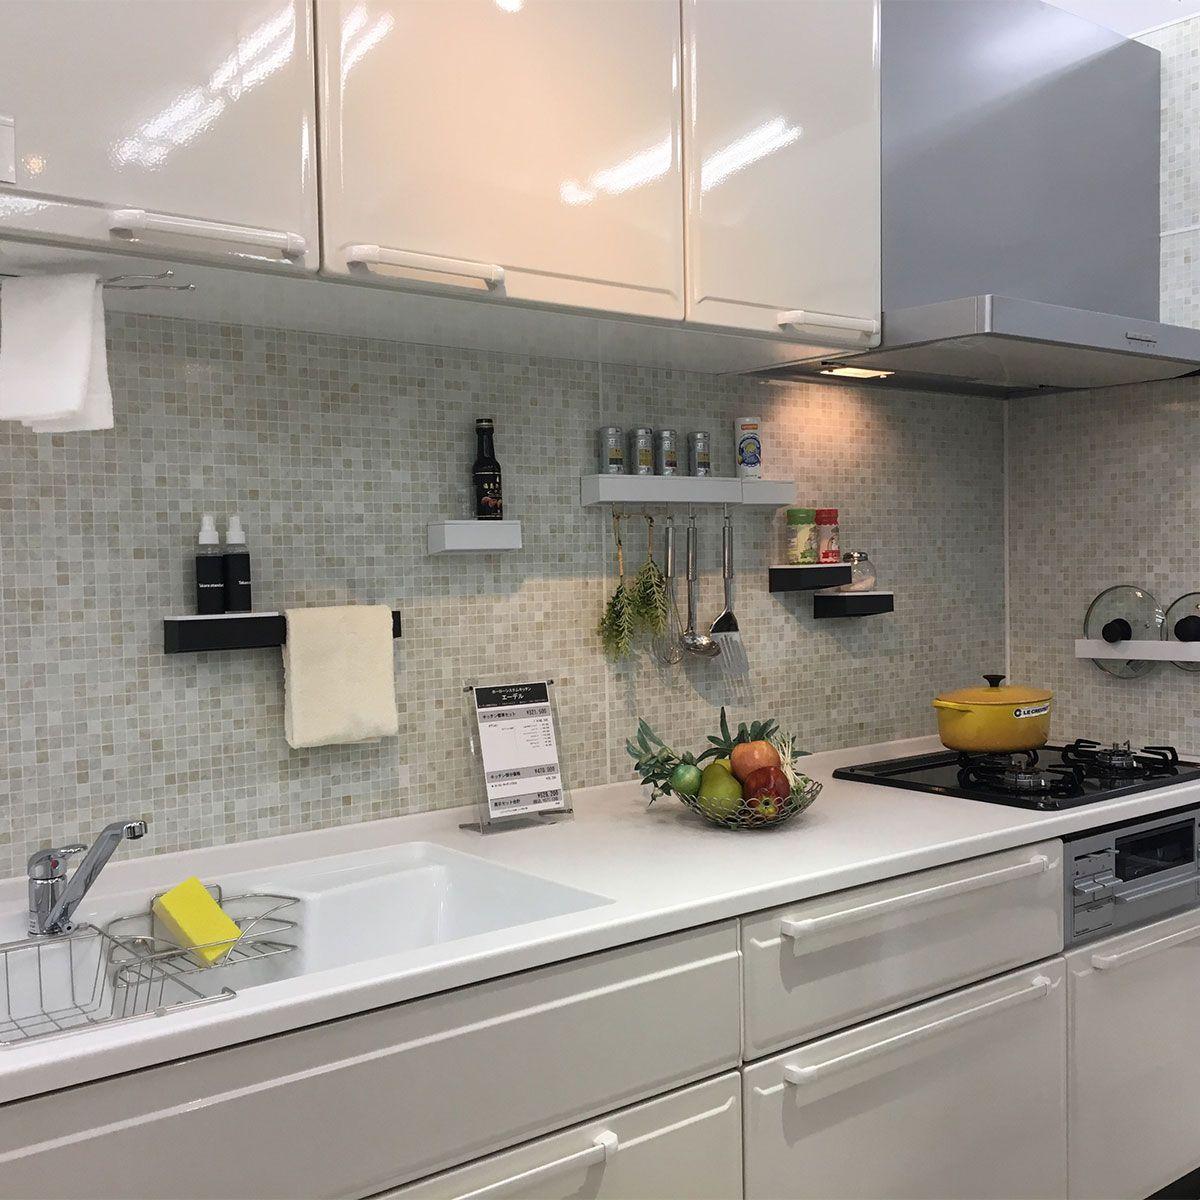 おしゃれ マグネットを使ったキッチンの収納とインテリア実例 タカラスタンダード タカラ キッチン タカラスタンダード タカラスタンダード キッチン